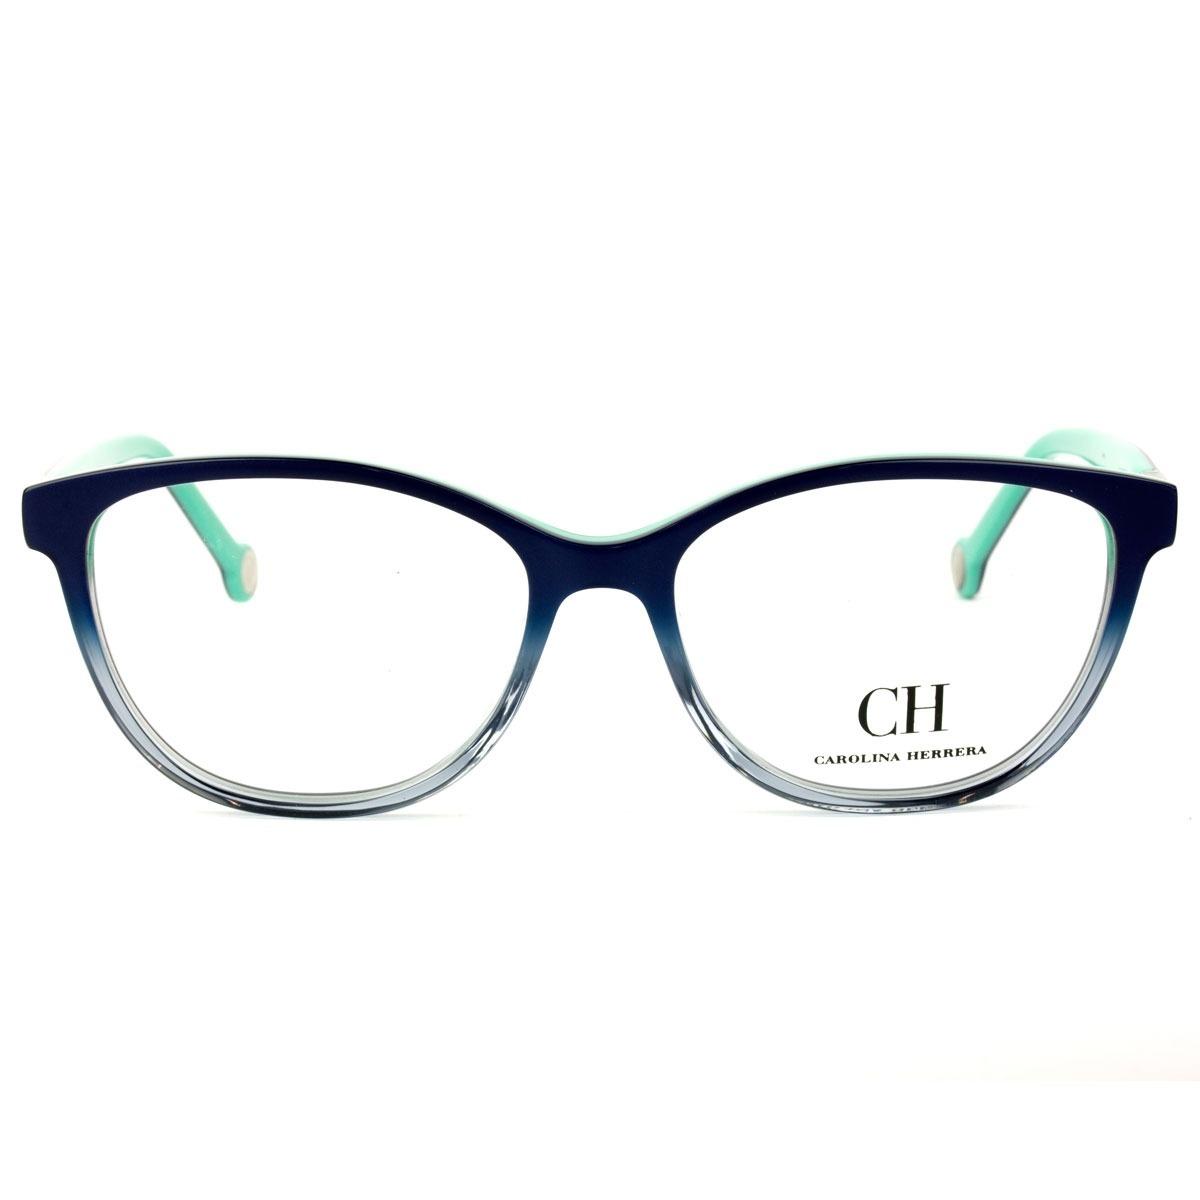 f3997d8d03e8b óculos carolina herrera vhe 720 02a6 53 - grau azul. Carregando zoom.